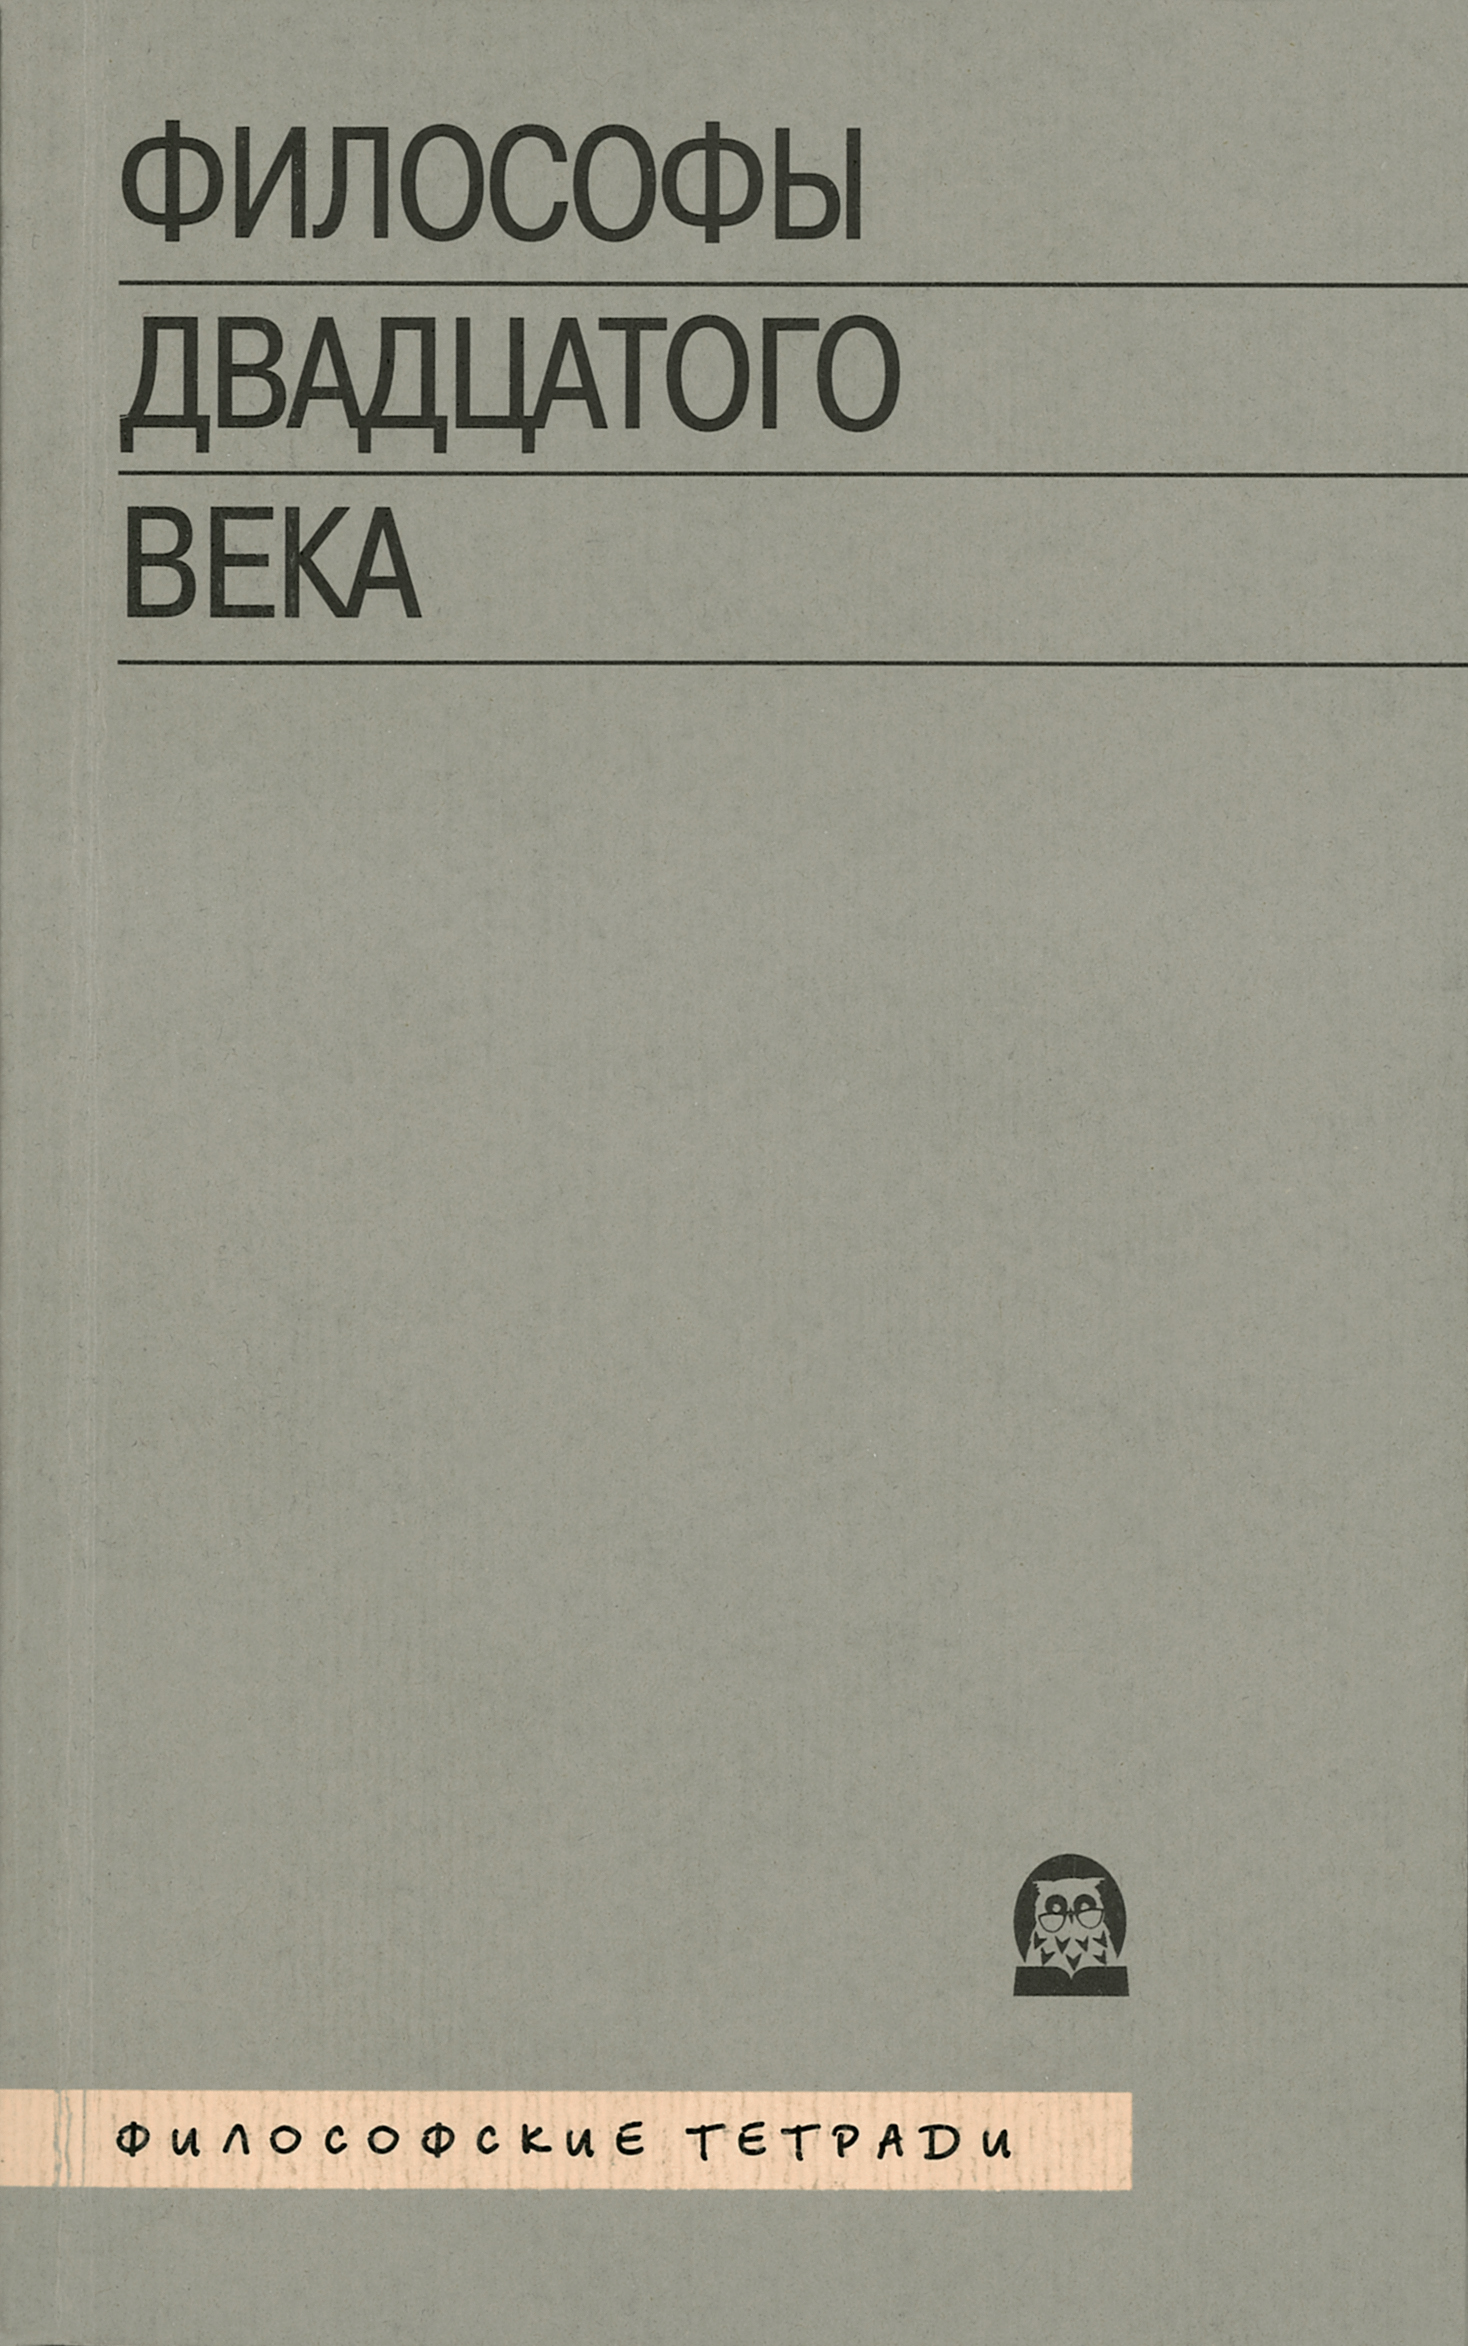 Философы двадцатого века Книга третья